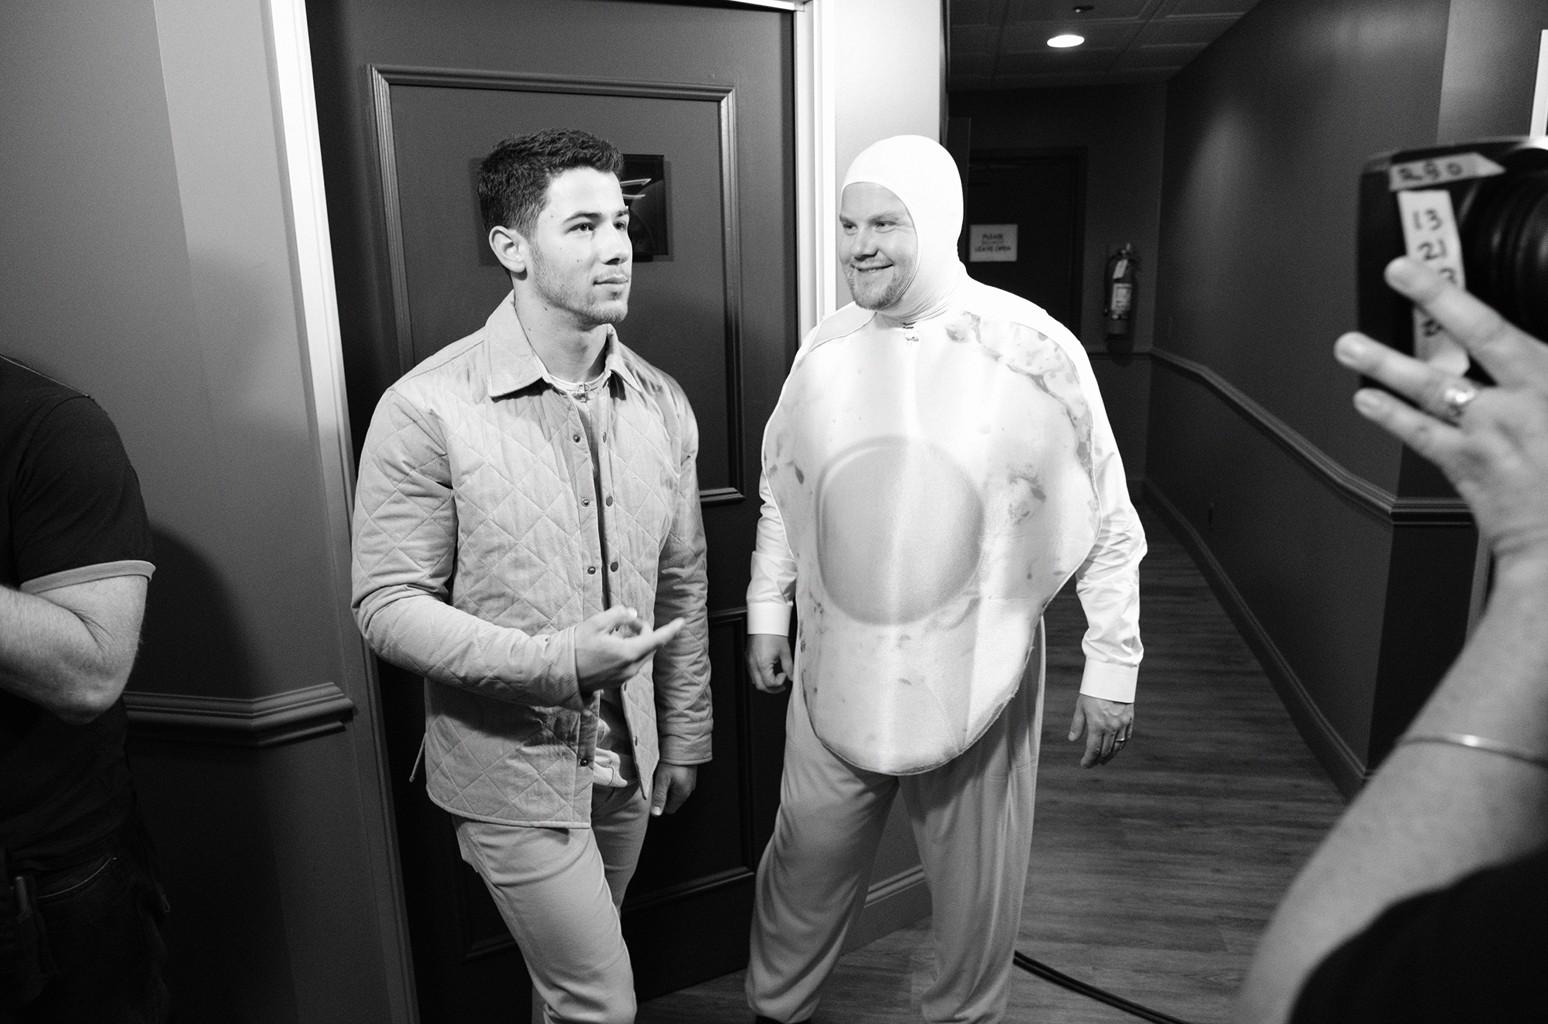 Backstage with Nick Jonas and James Corden on The Late Late Show with James Corden on Sept. 20, 2016.